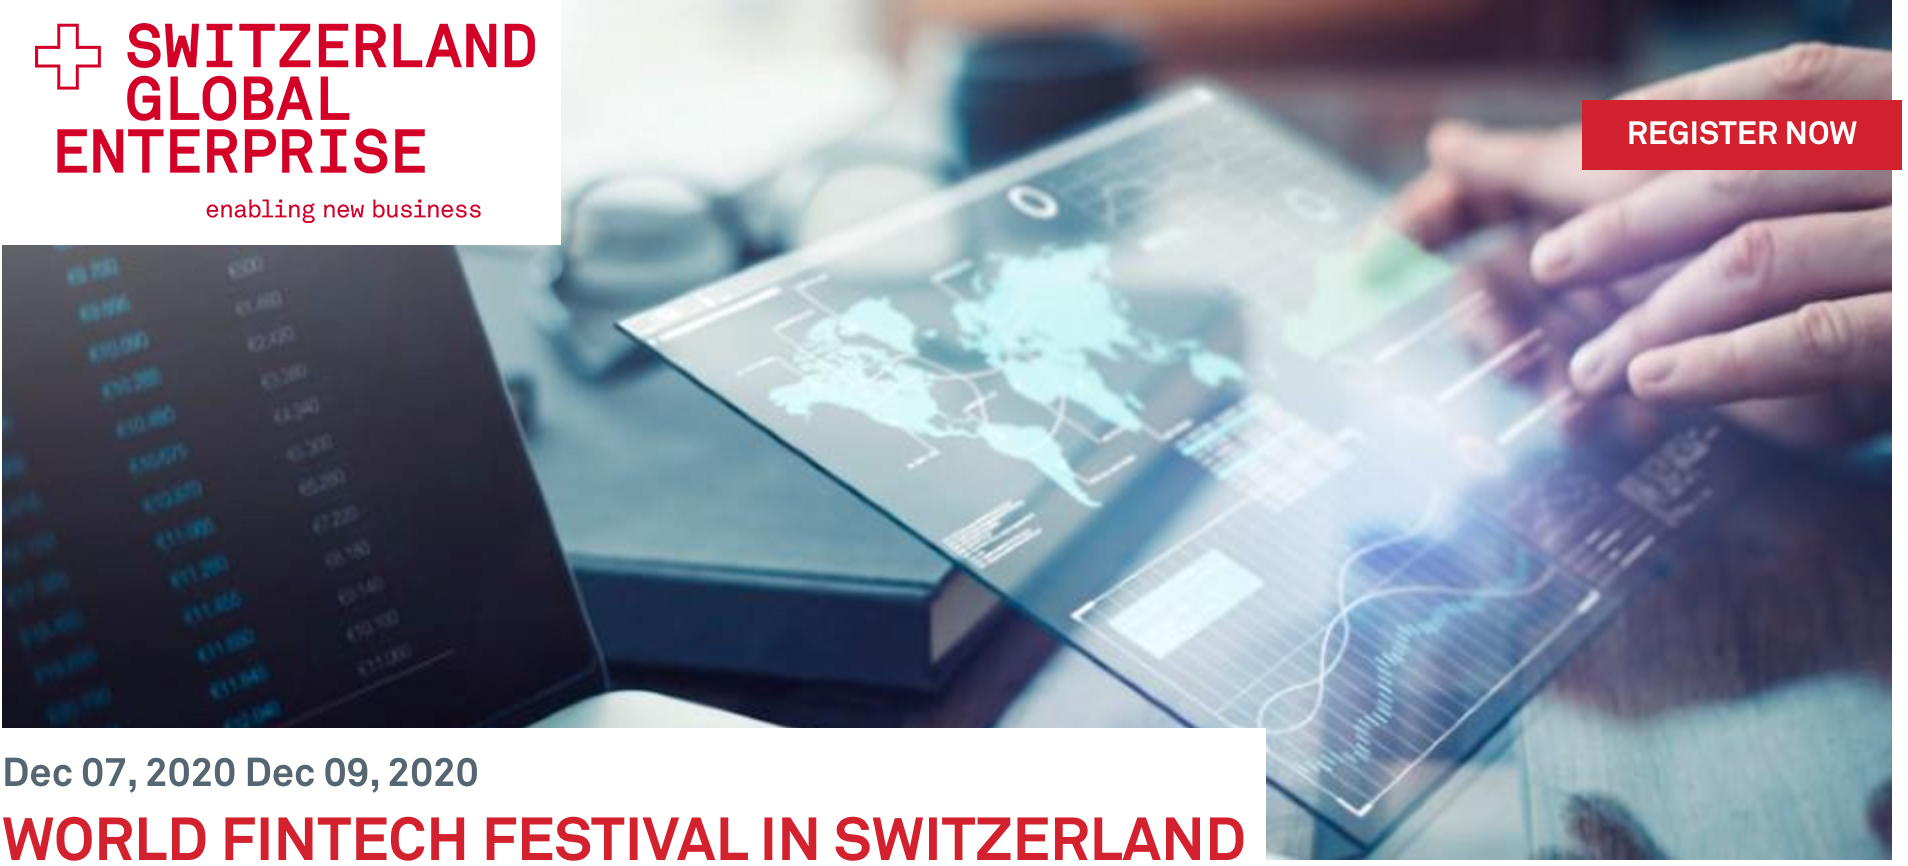 World FinTech Festival in Switzerland